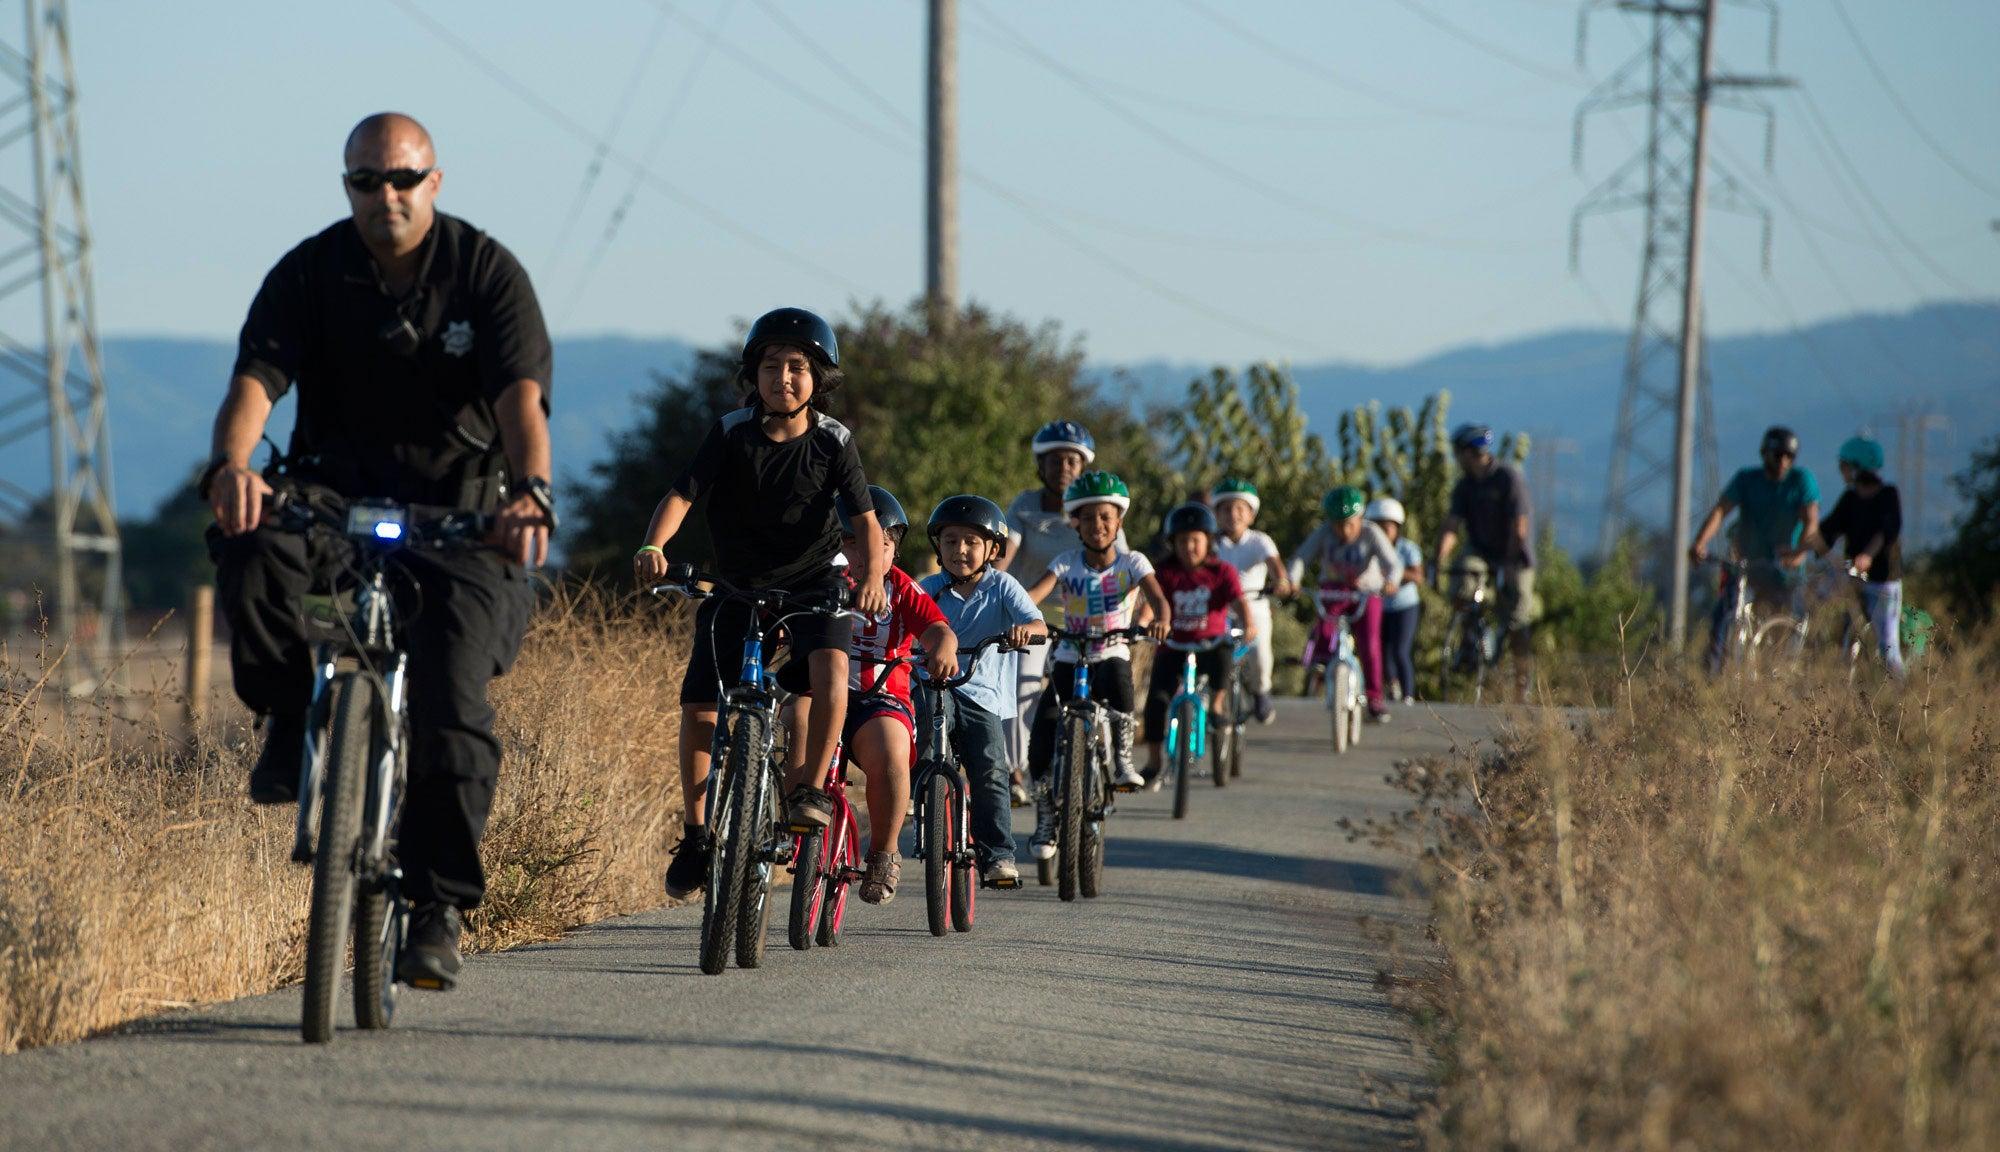 Family Biking Workshop in East Palo Alto